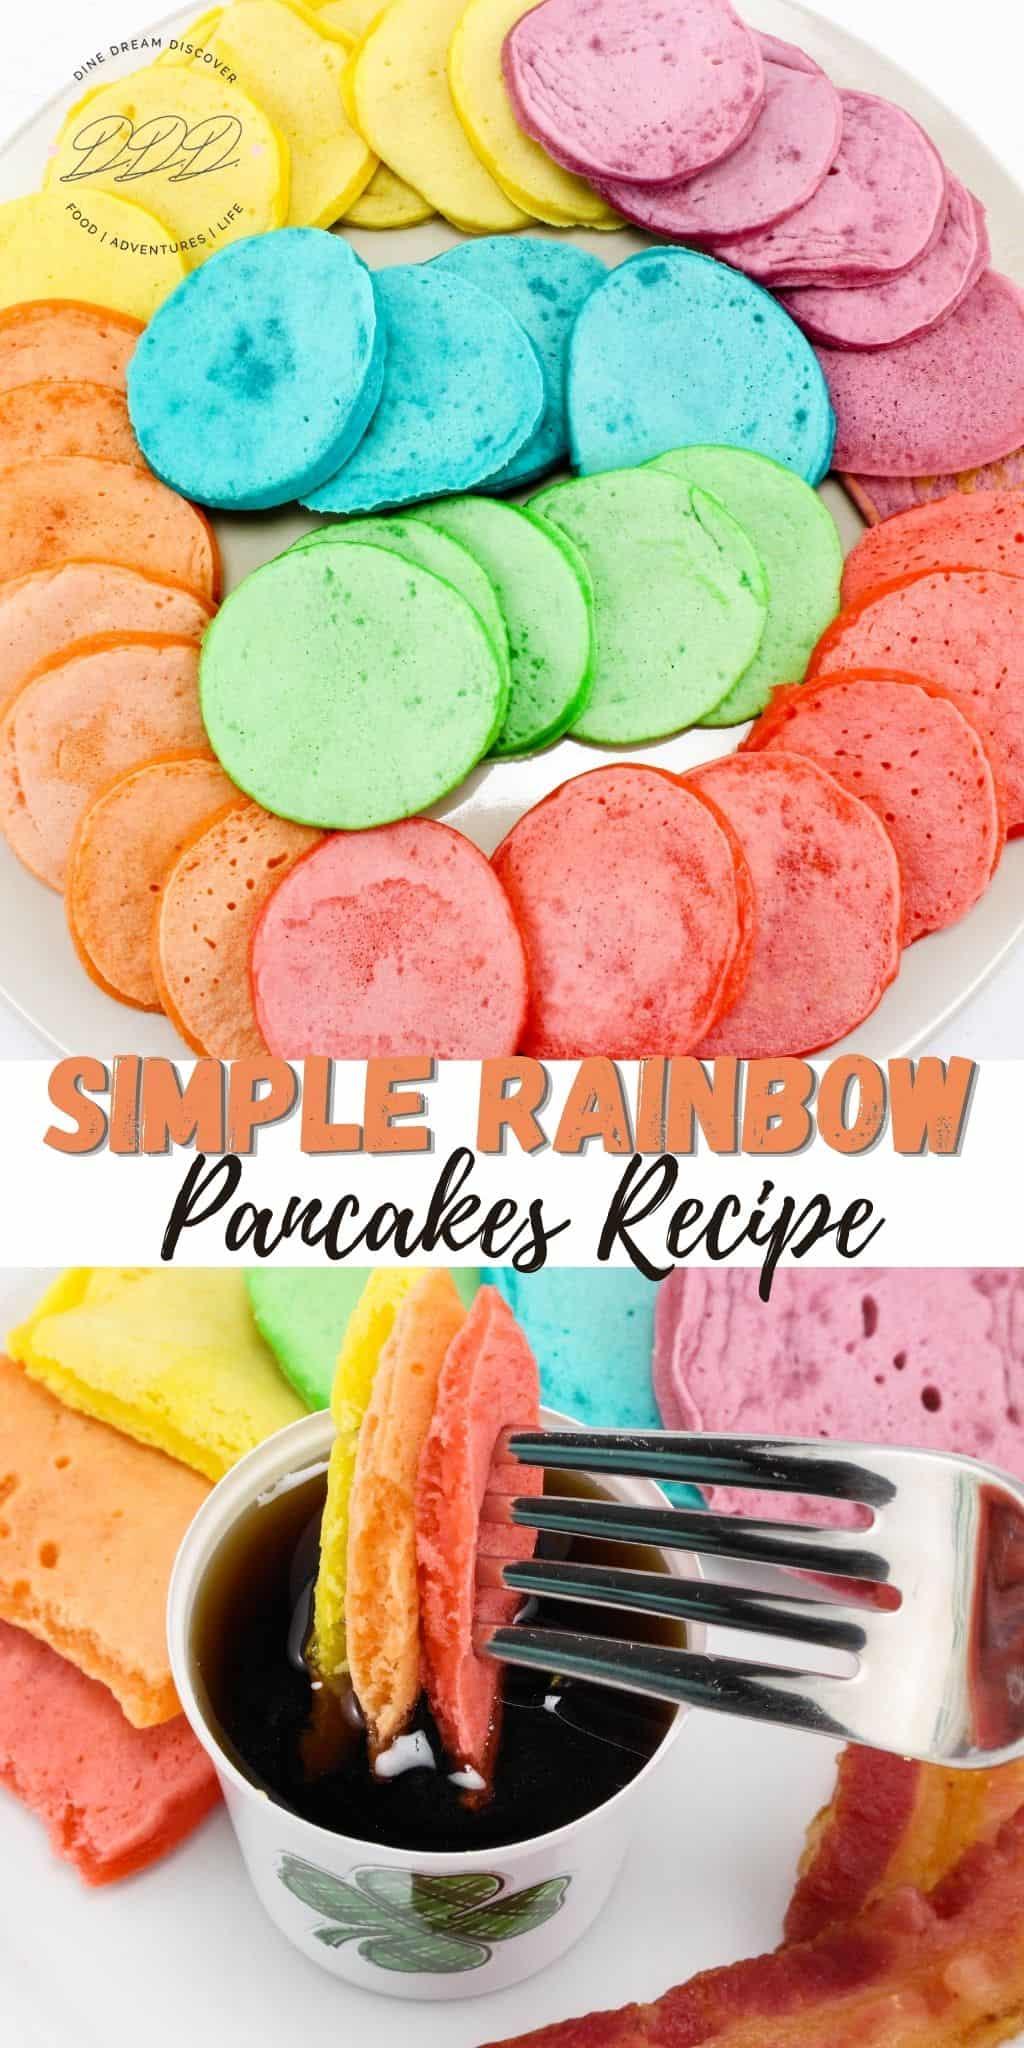 Simple Rainbow Pancakes Recipe